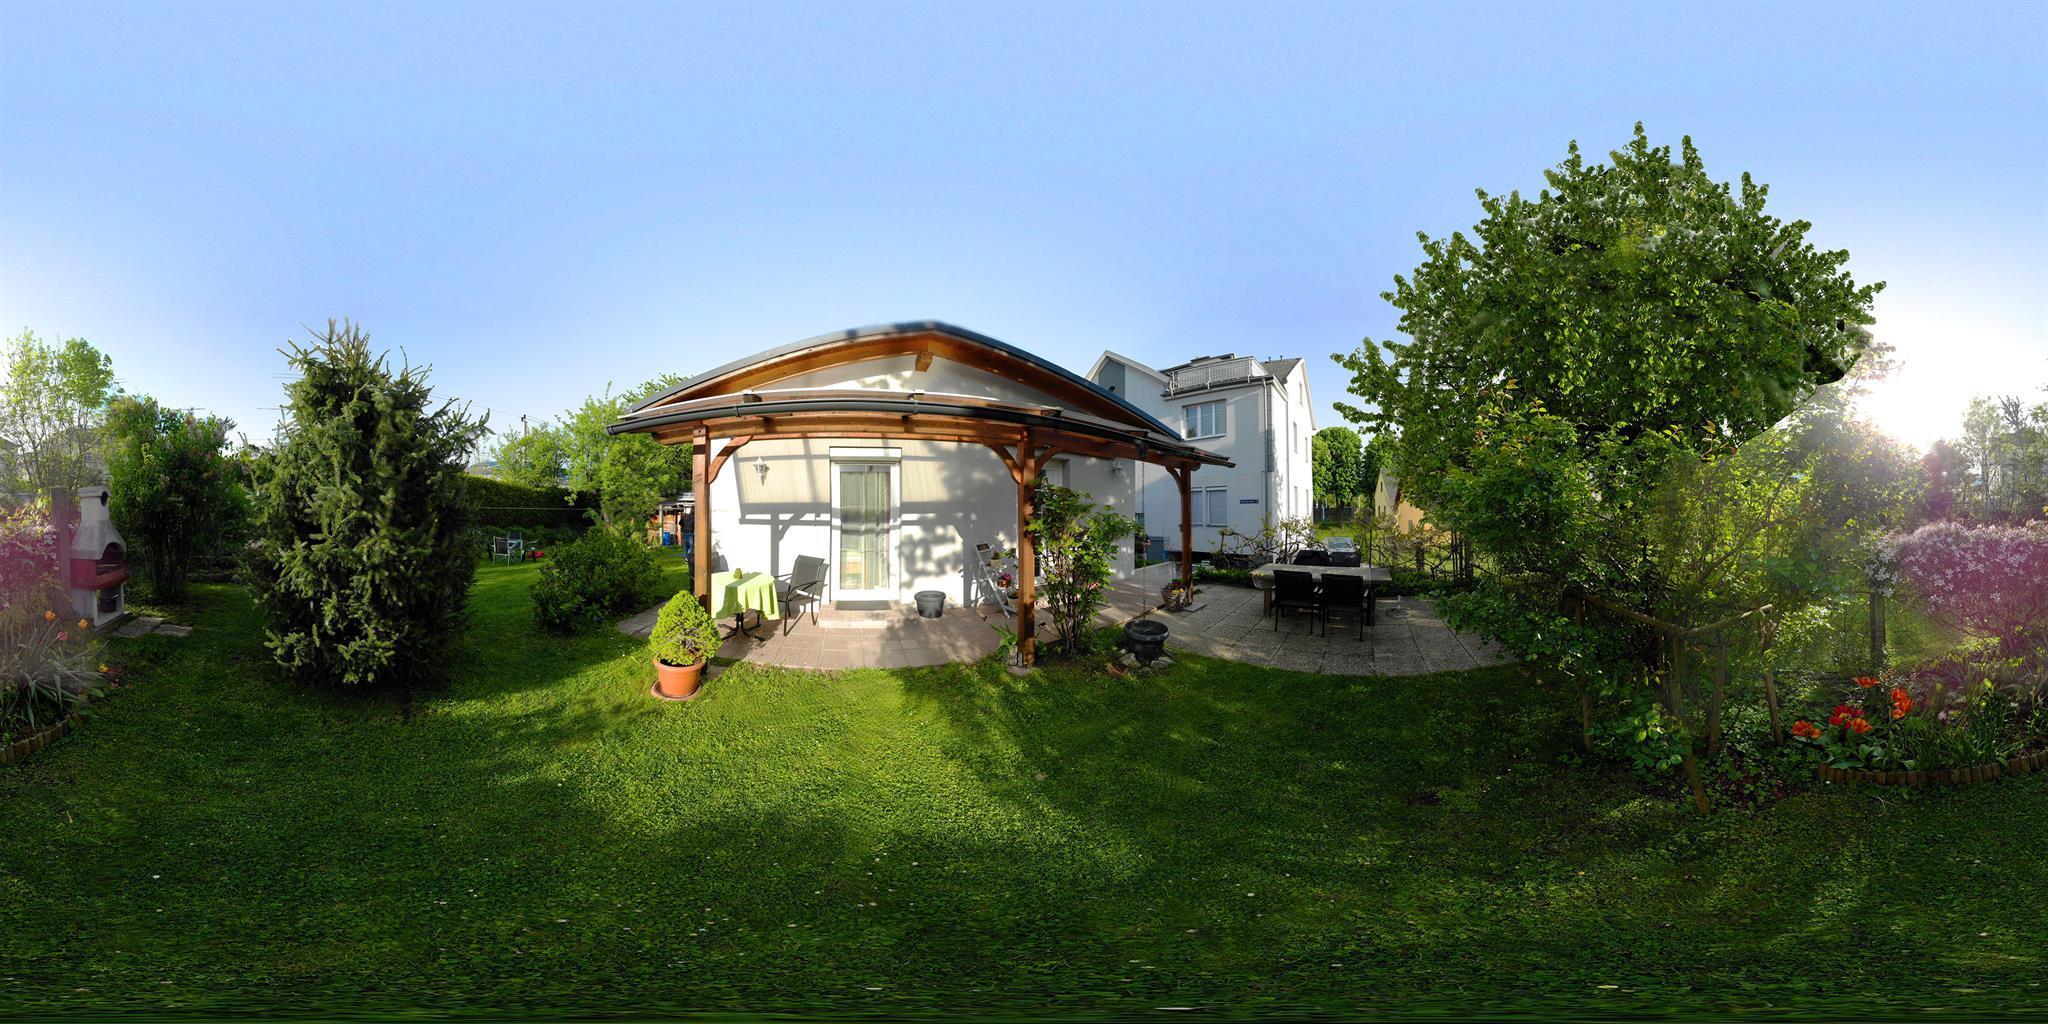 Ferienhaus Villach Villach (2548000), Villach, Villach, Kärnten, Österreich, Bild 95